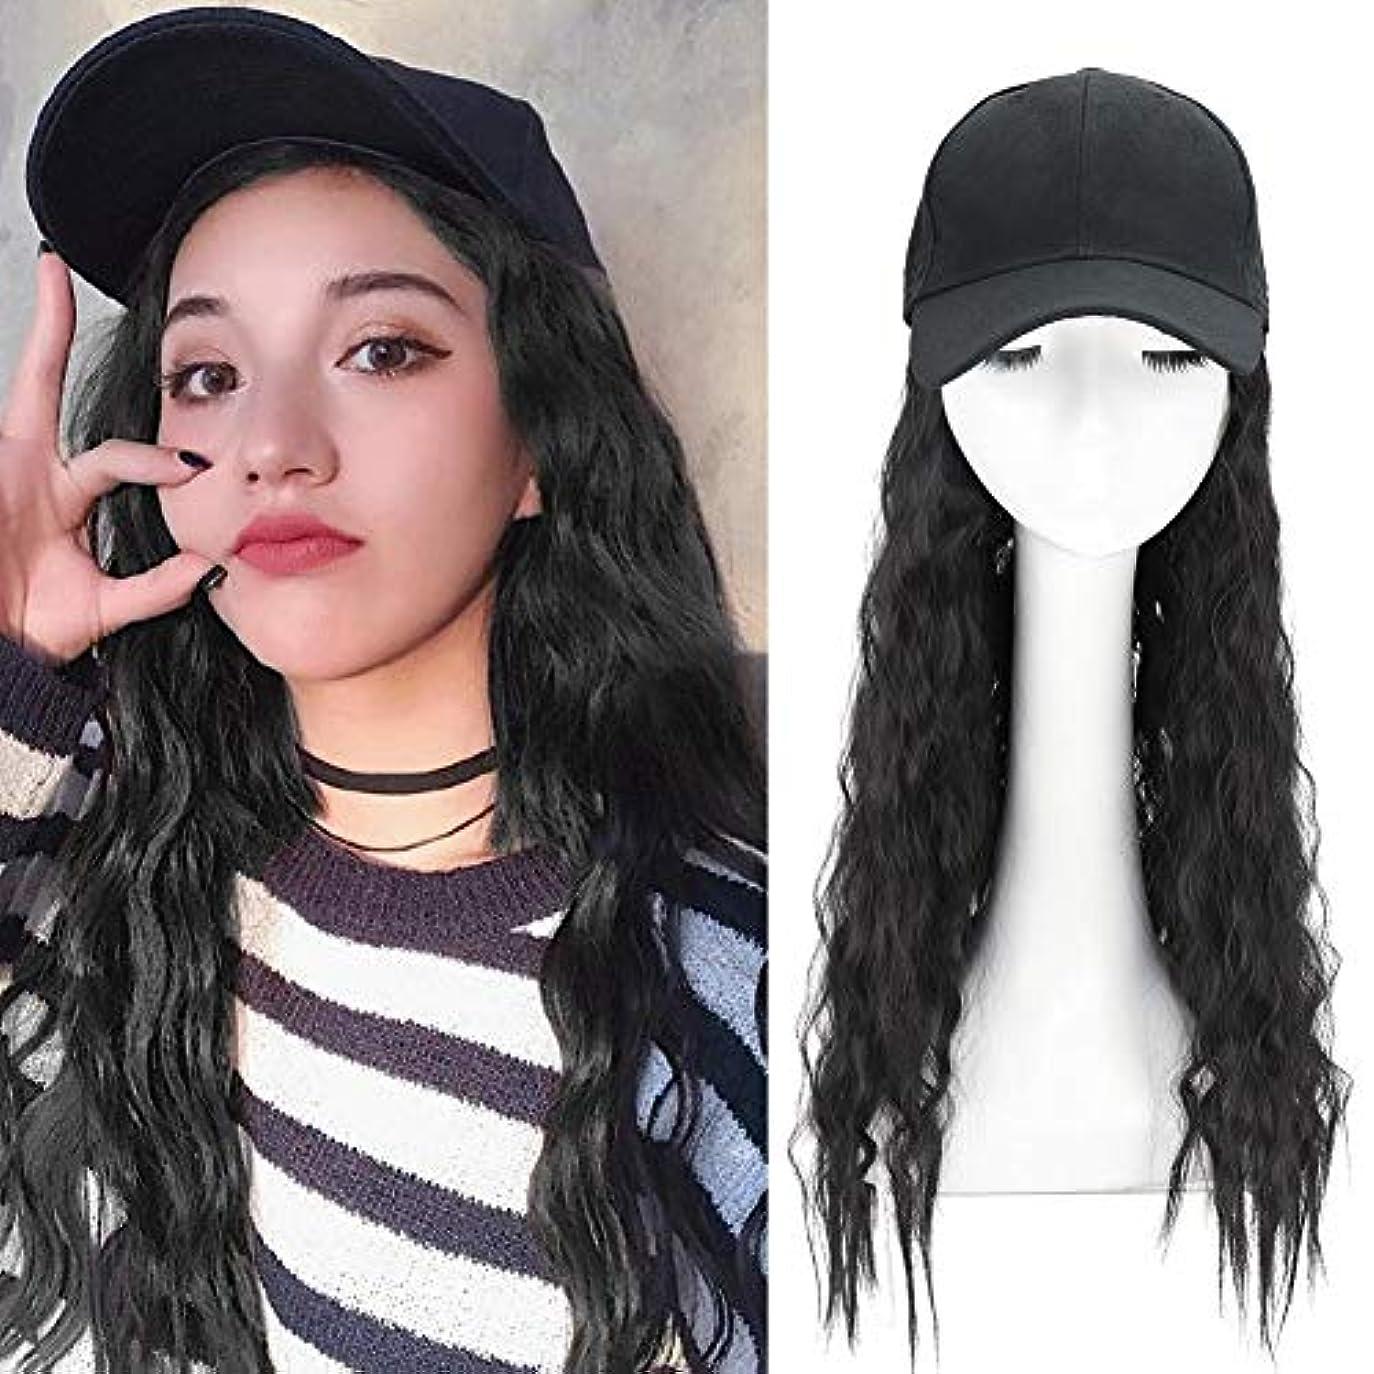 長い巻き毛を持つ合成長波野球帽合成毛を持つ波状かつらキャップ女の子のための髪を持つ調整可能な野球帽帽子